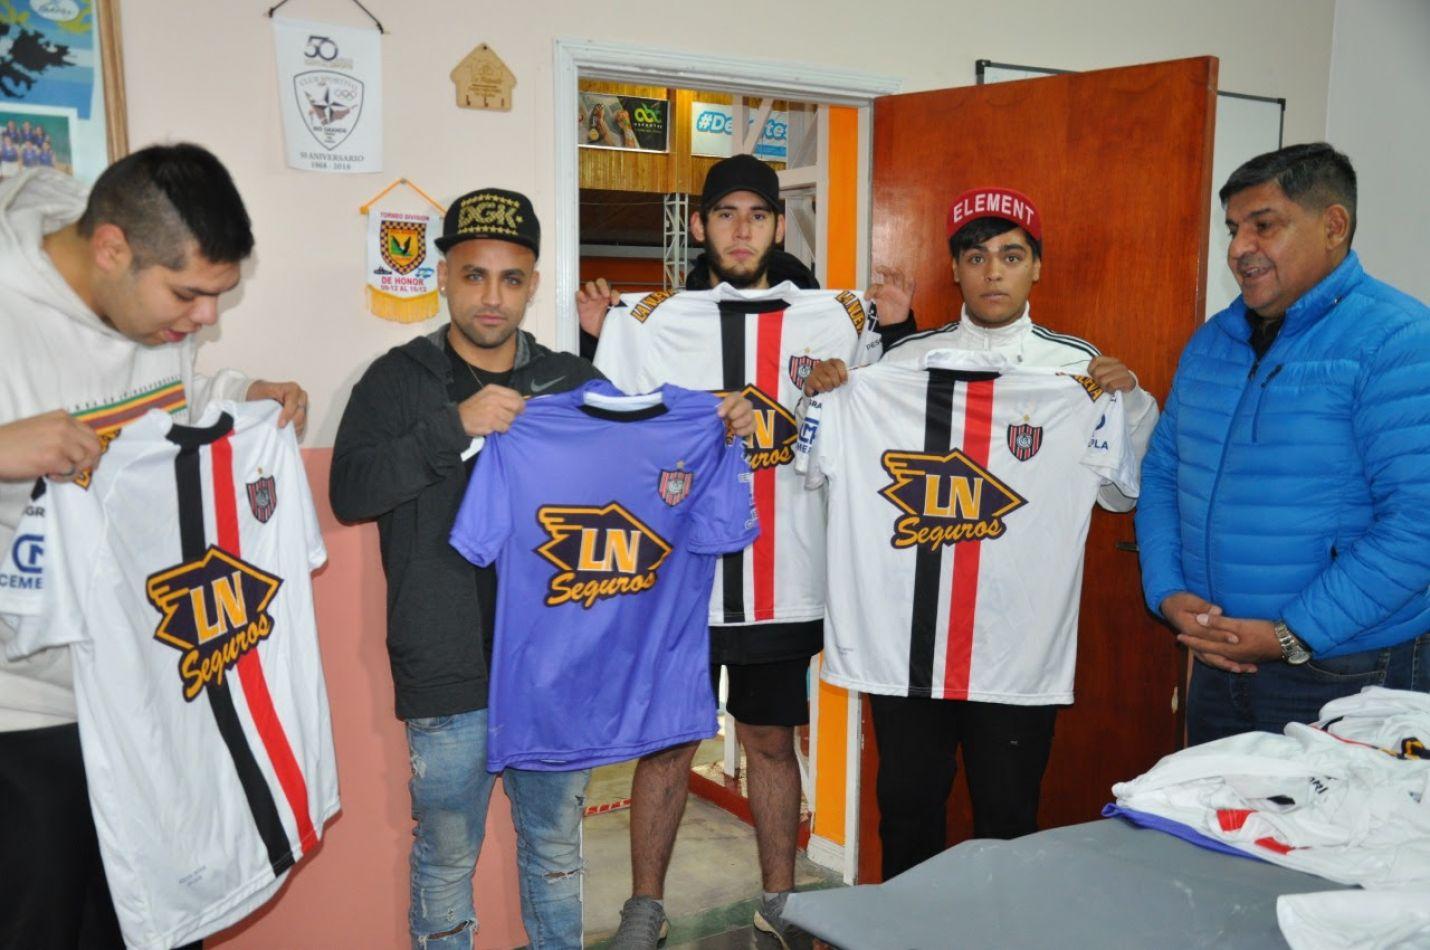 El vicegobernador Juan Carlos Arcando cumplió su compromiso de entregar las camisetas de Chacarita Junios al club Chacra IV